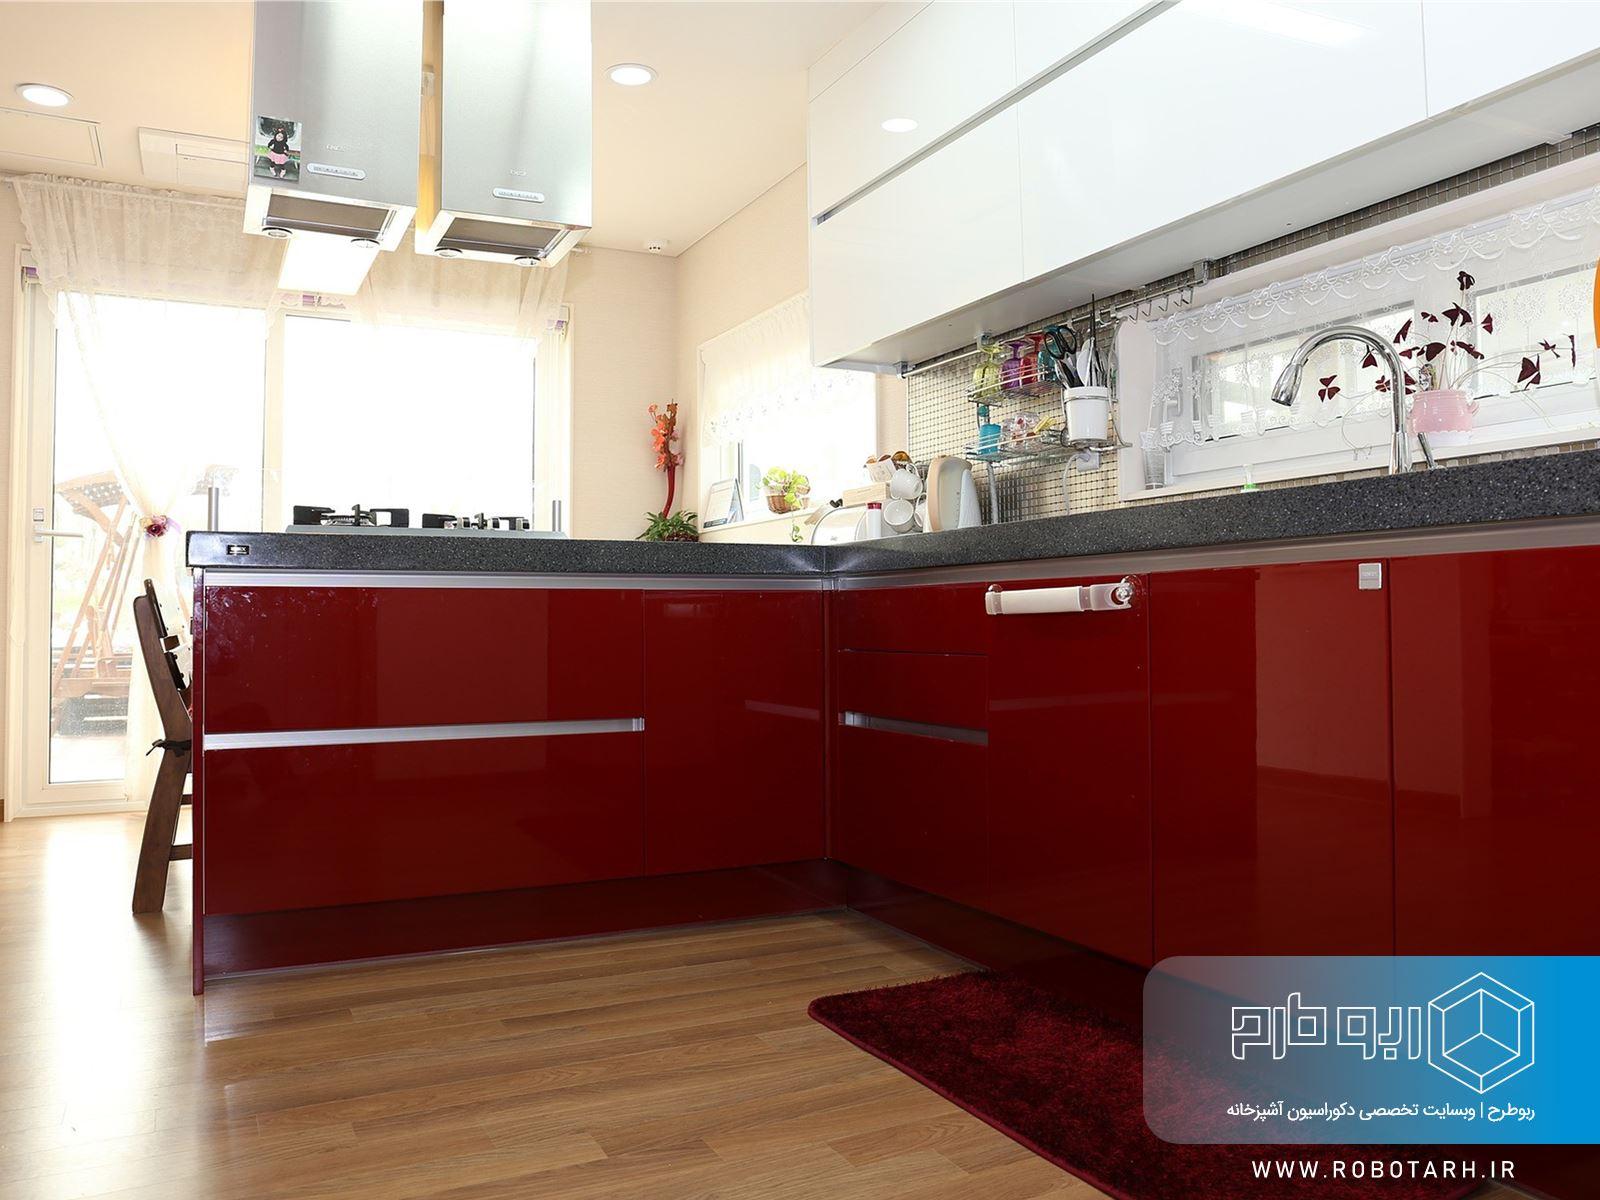 استفاده از رنگ قرمز در آشپزخانه مدرن